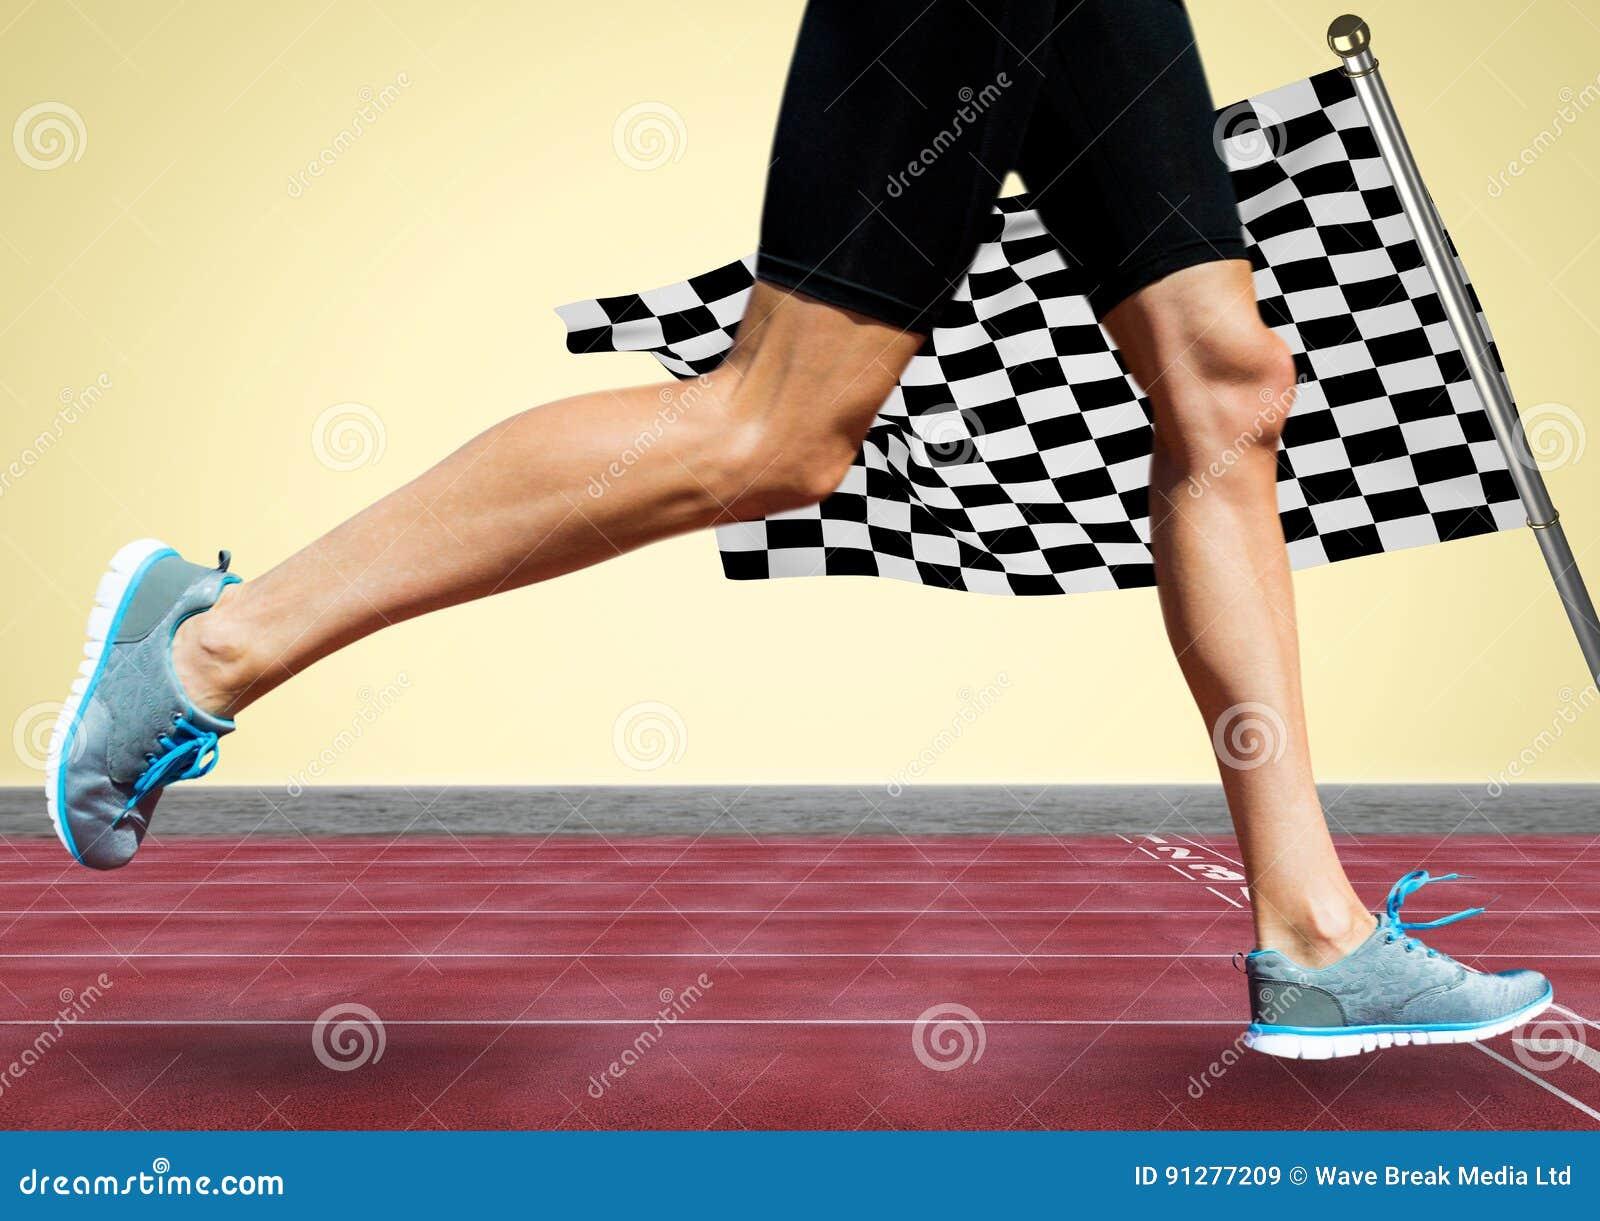 Löparen lägger benen på ryggen på spår mot gul bakgrund och rutig flagga